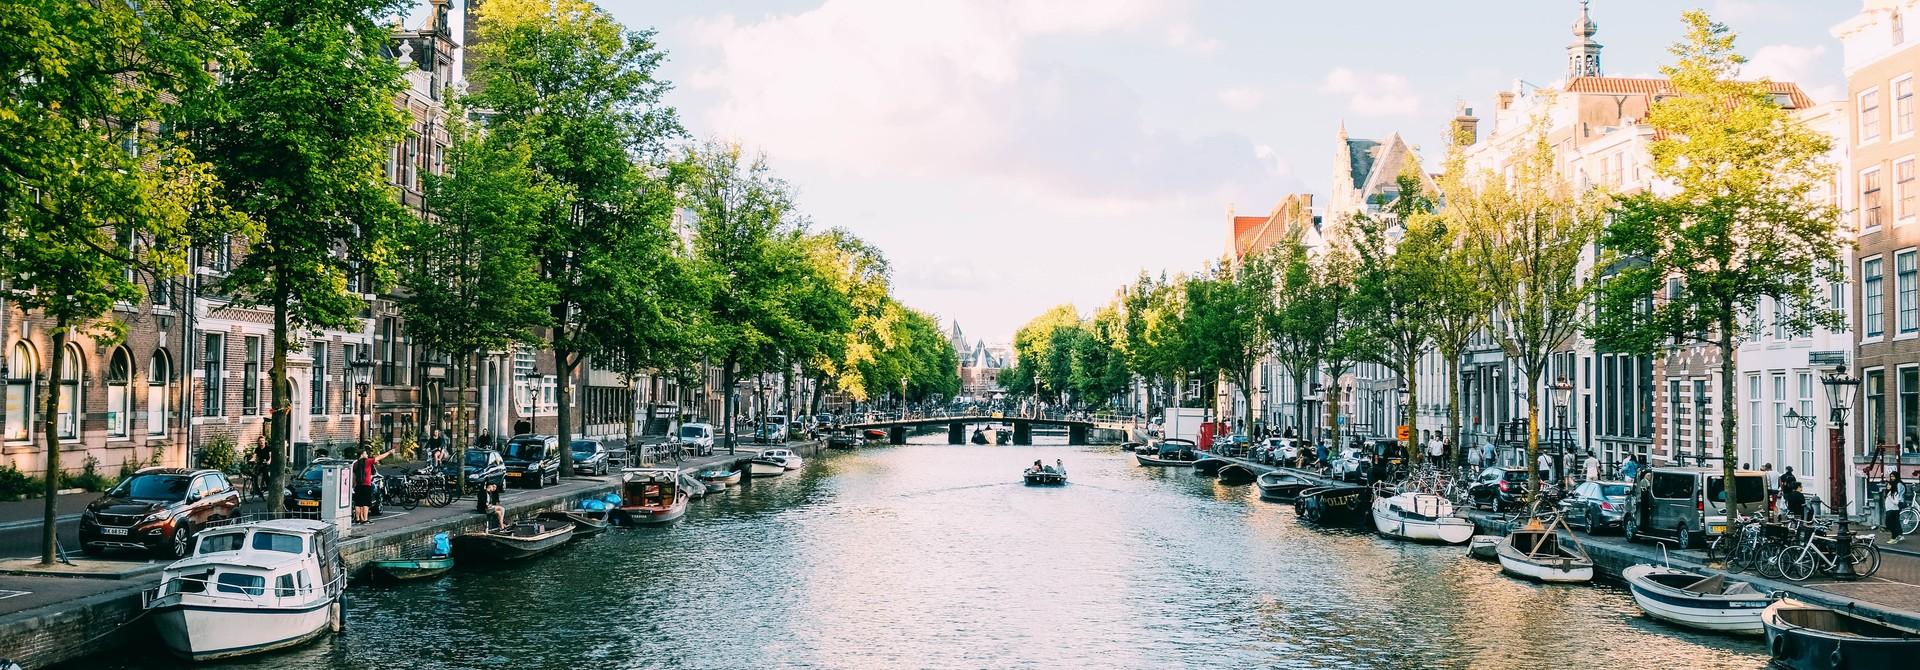 Hollandse zomer uitjes | Bubblebum NL